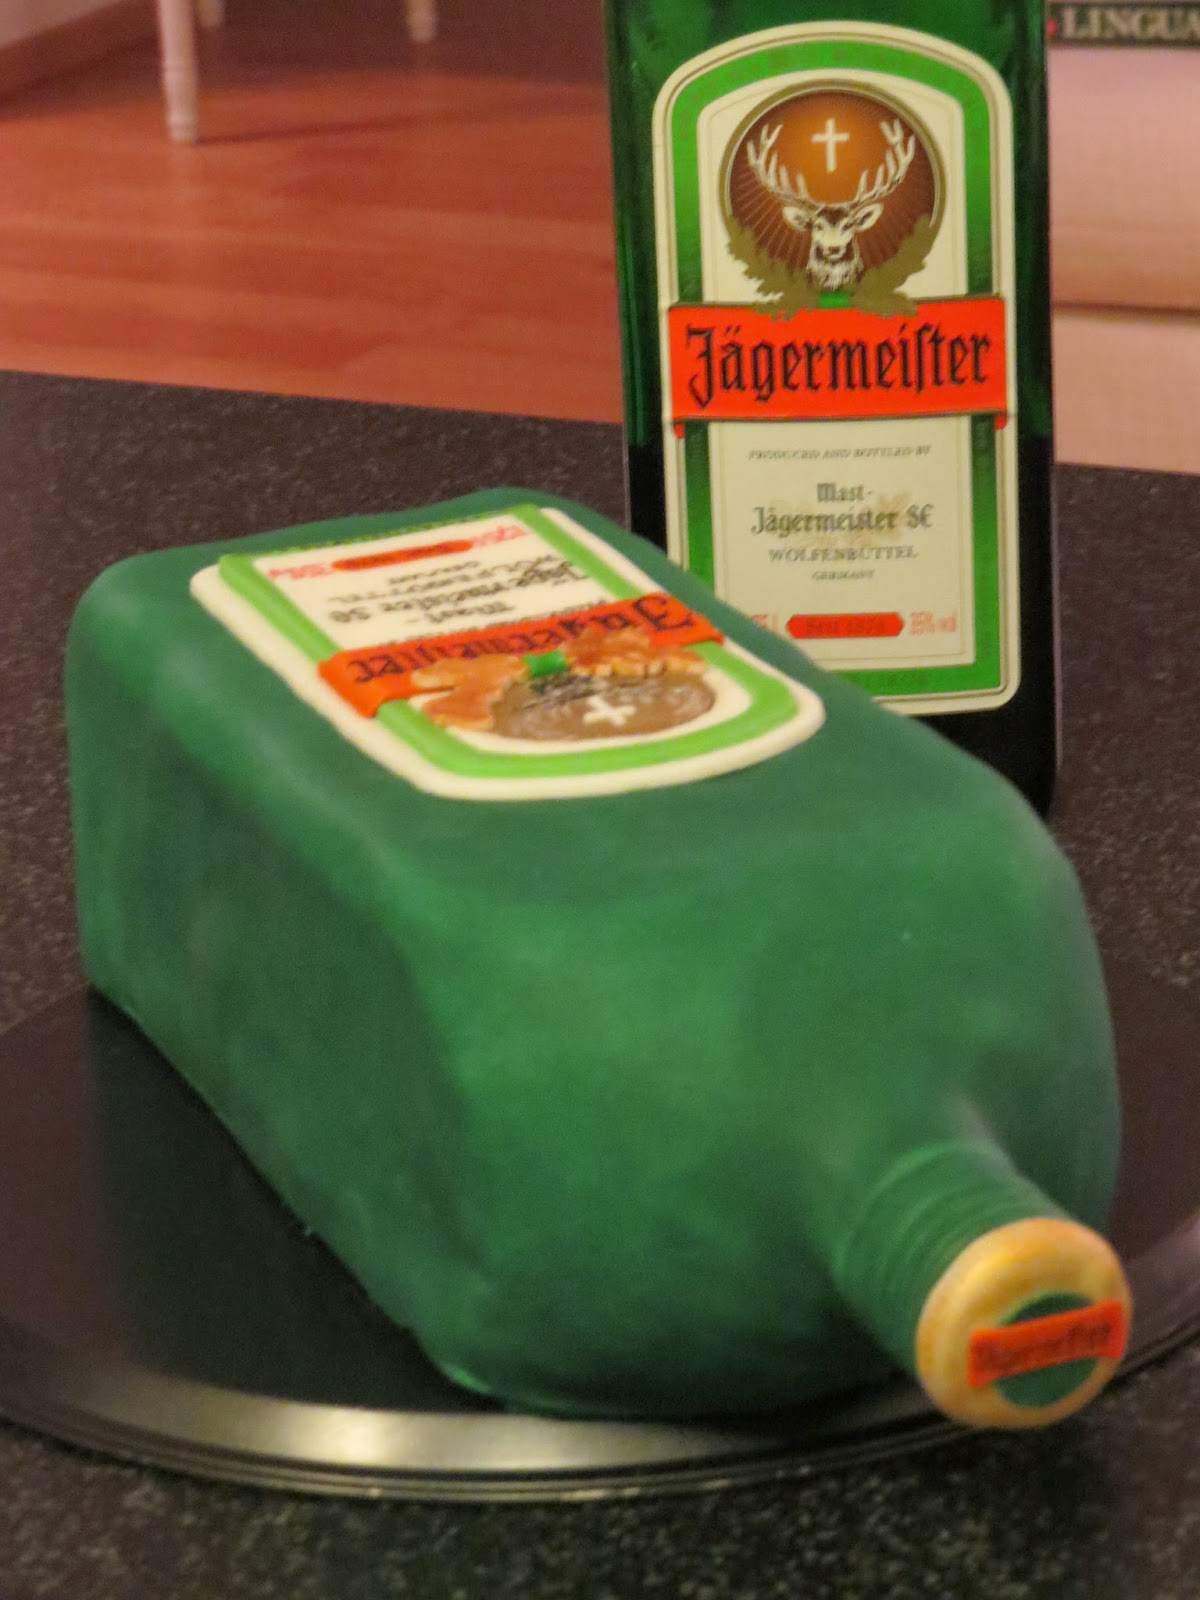 Jägermeister Cake